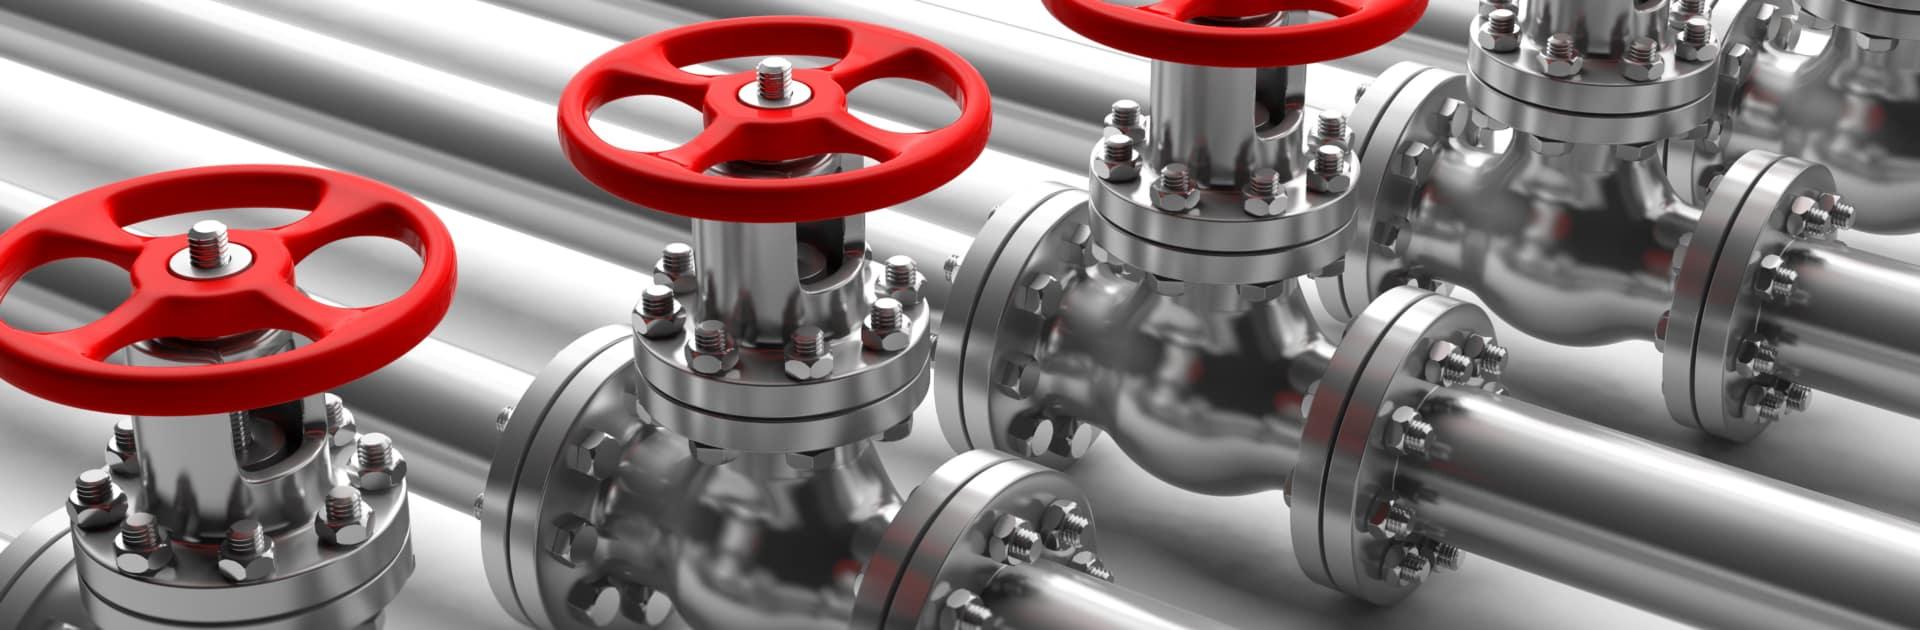 Smörjmedel för kranar & ventiler